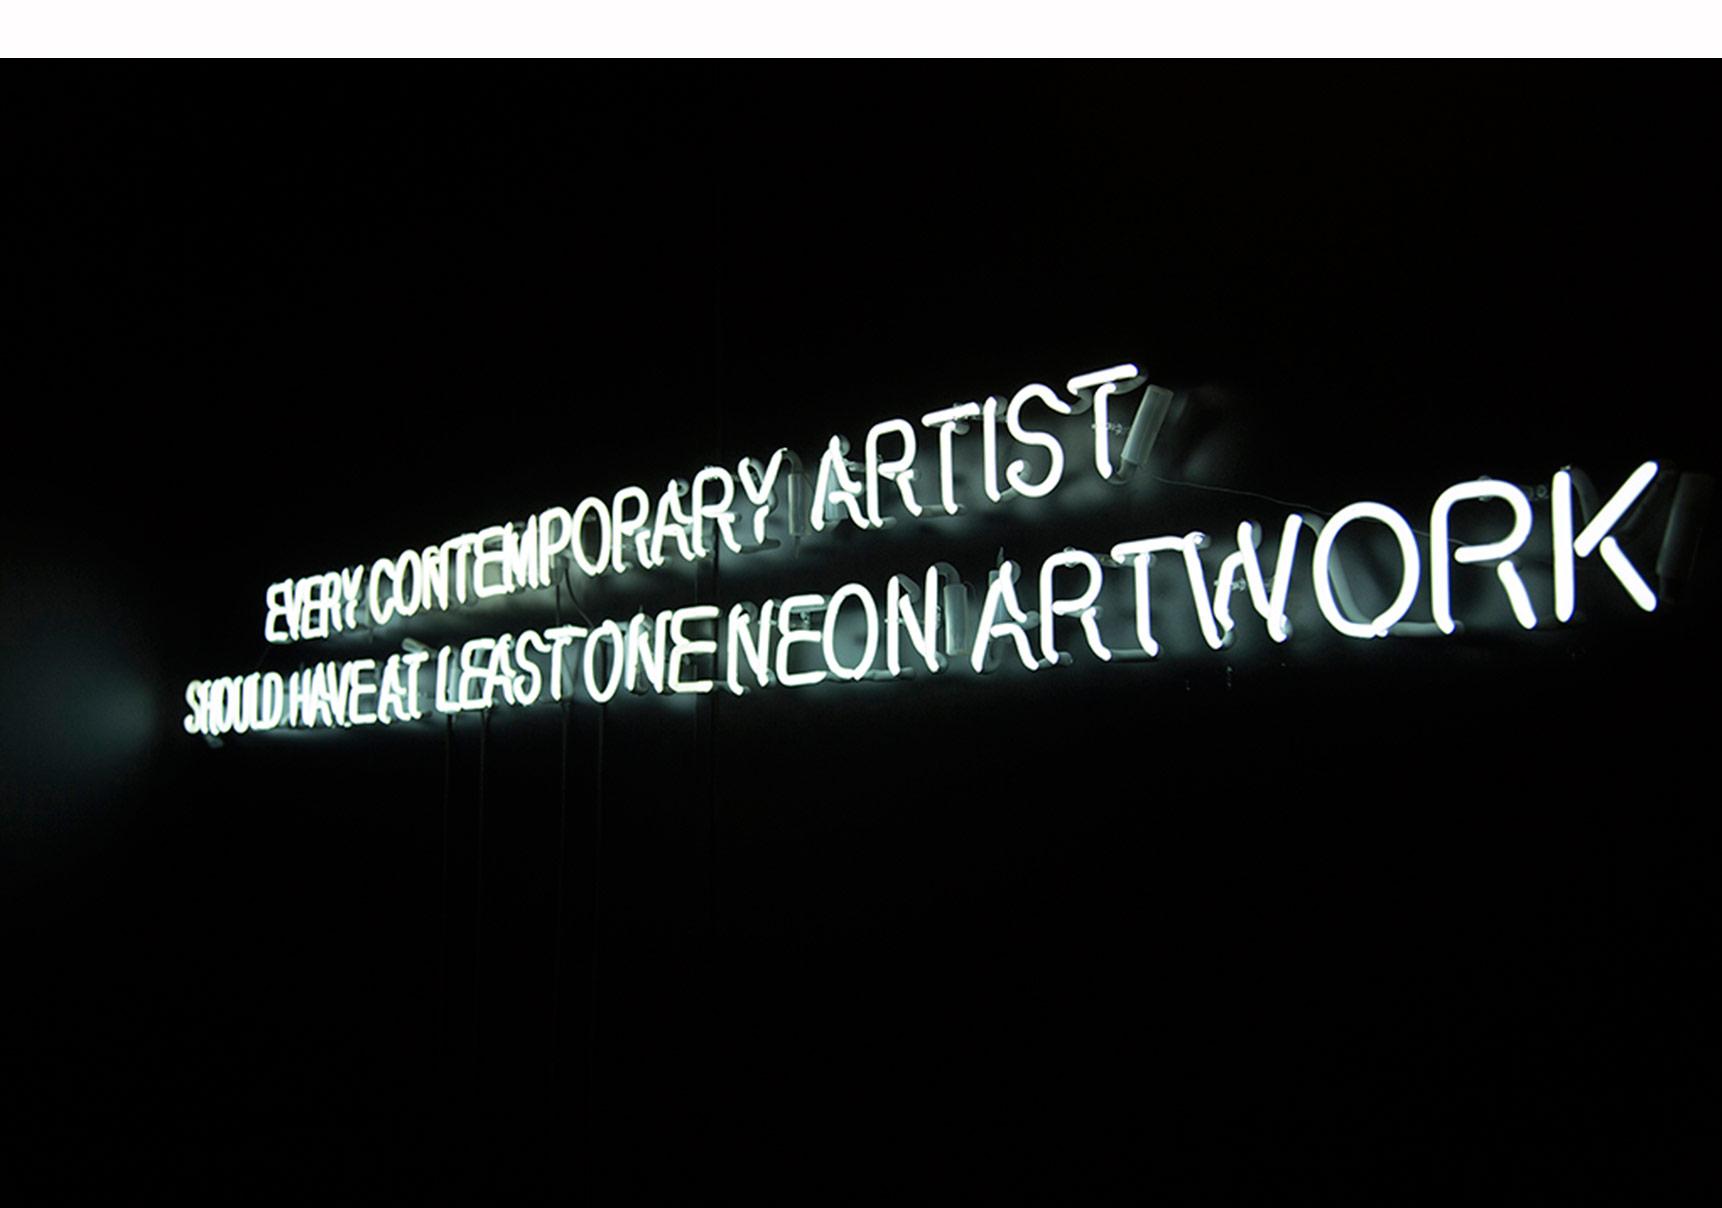 Neo–Neon